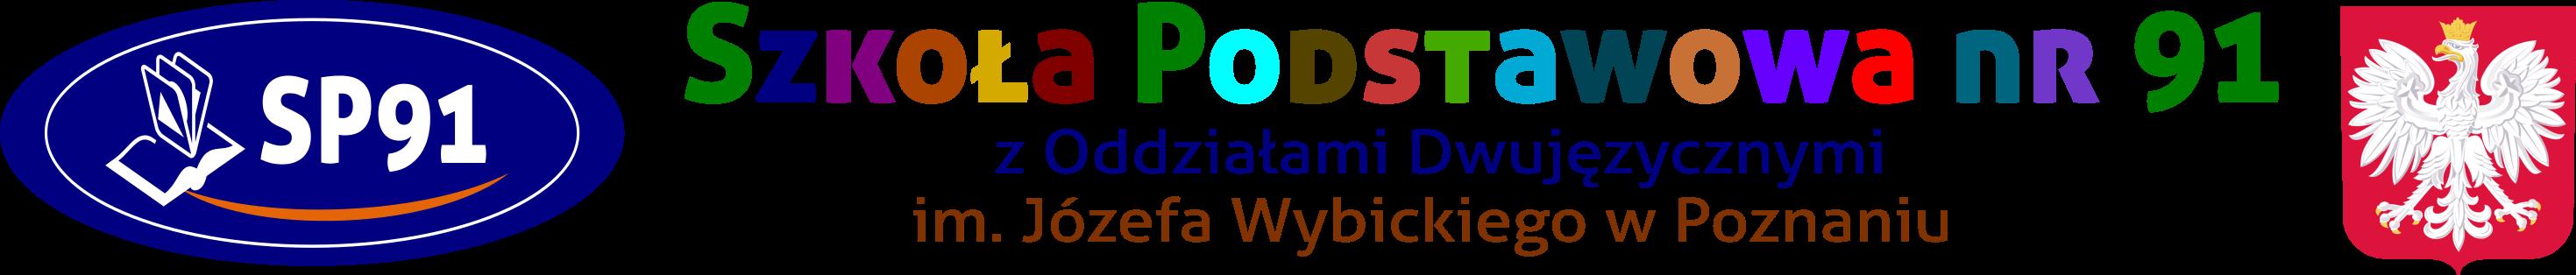 Szkoła Podstawowa 91 w Poznaniu